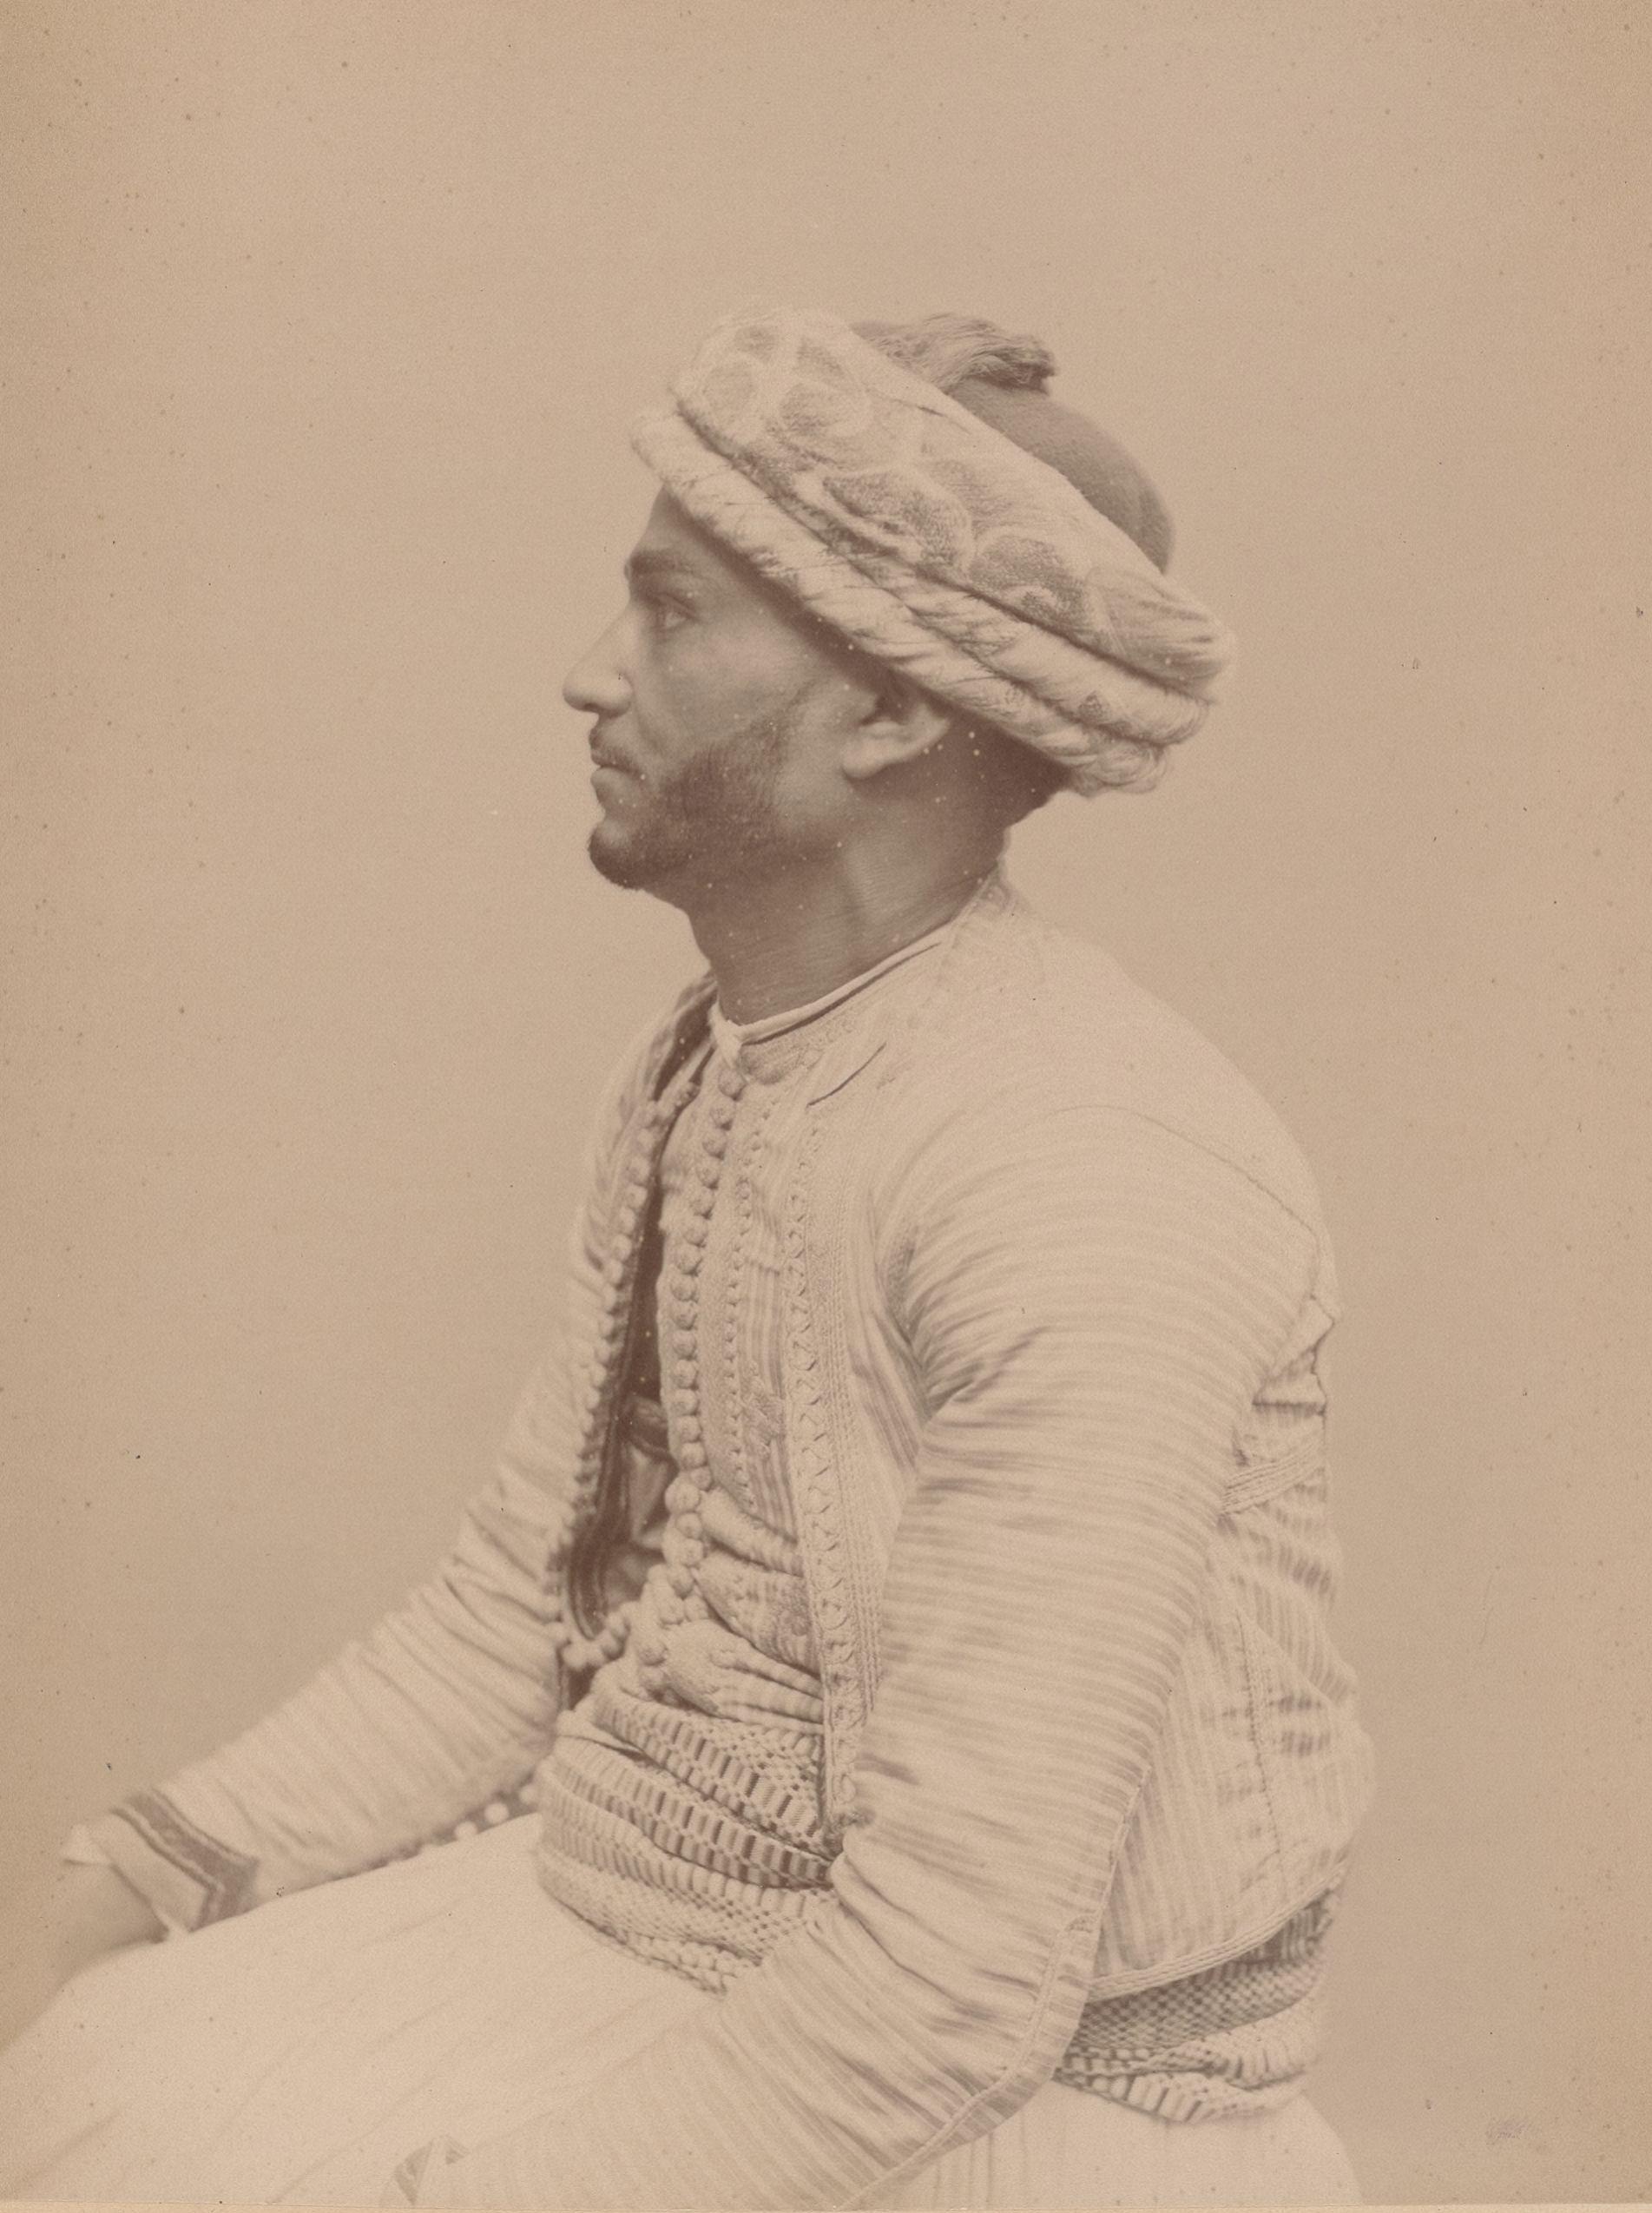 Баг Али 28 лет, родившийся в Алжире, Кауаджи (вид сбоку)